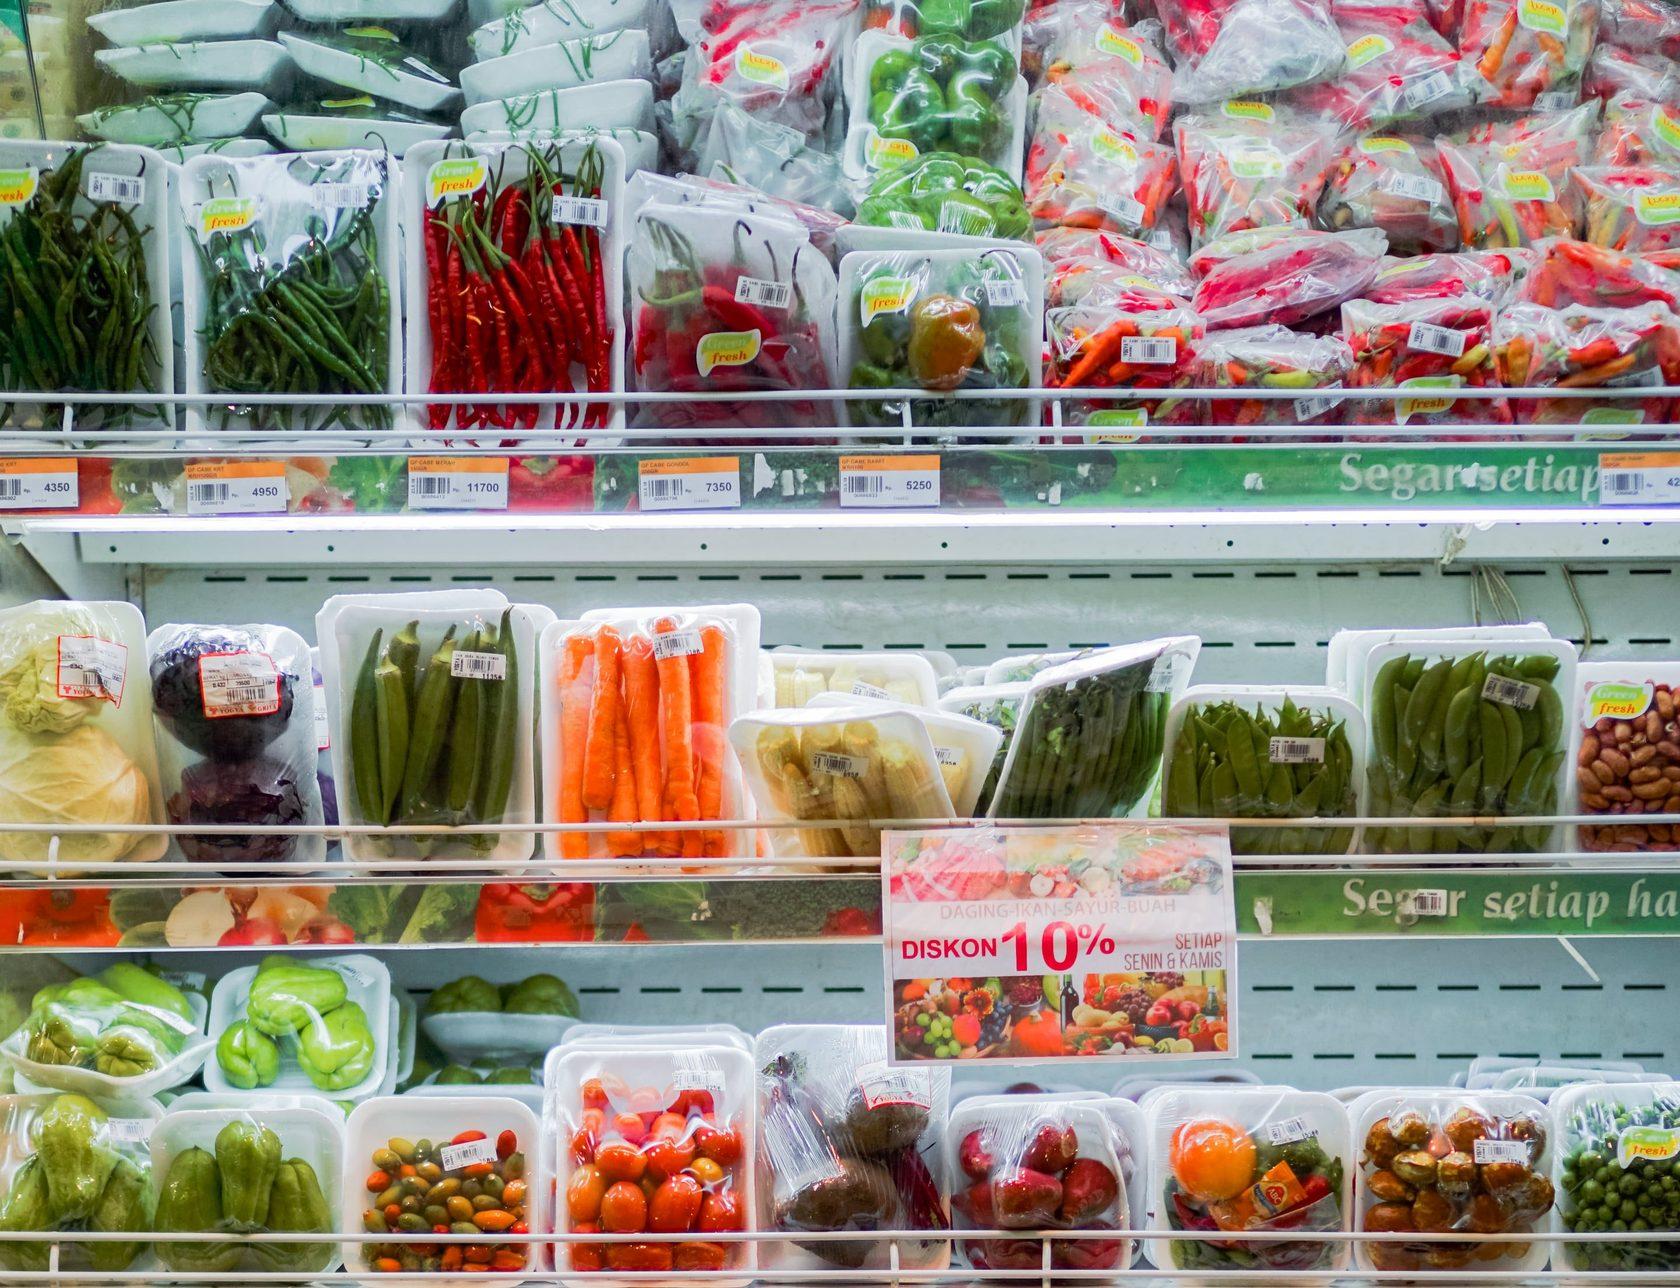 Инстамарт,продукты в гипермаркетах «METRO», instamart.ru, продукты на дом, продукты с доставкой, инстамарт промокод, инстамарт спб, инстамарт бесплатная доставка, инстамарт скидка